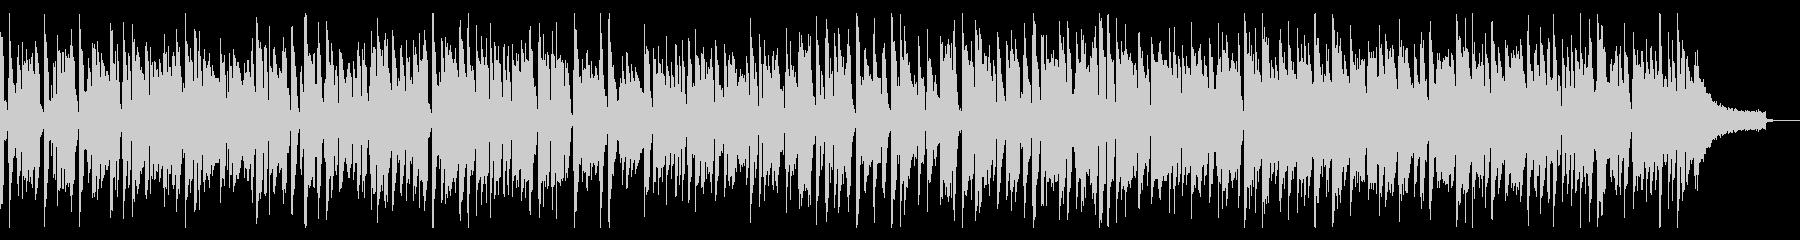 アップテンポのジャズ&ブルースピアノソロの未再生の波形